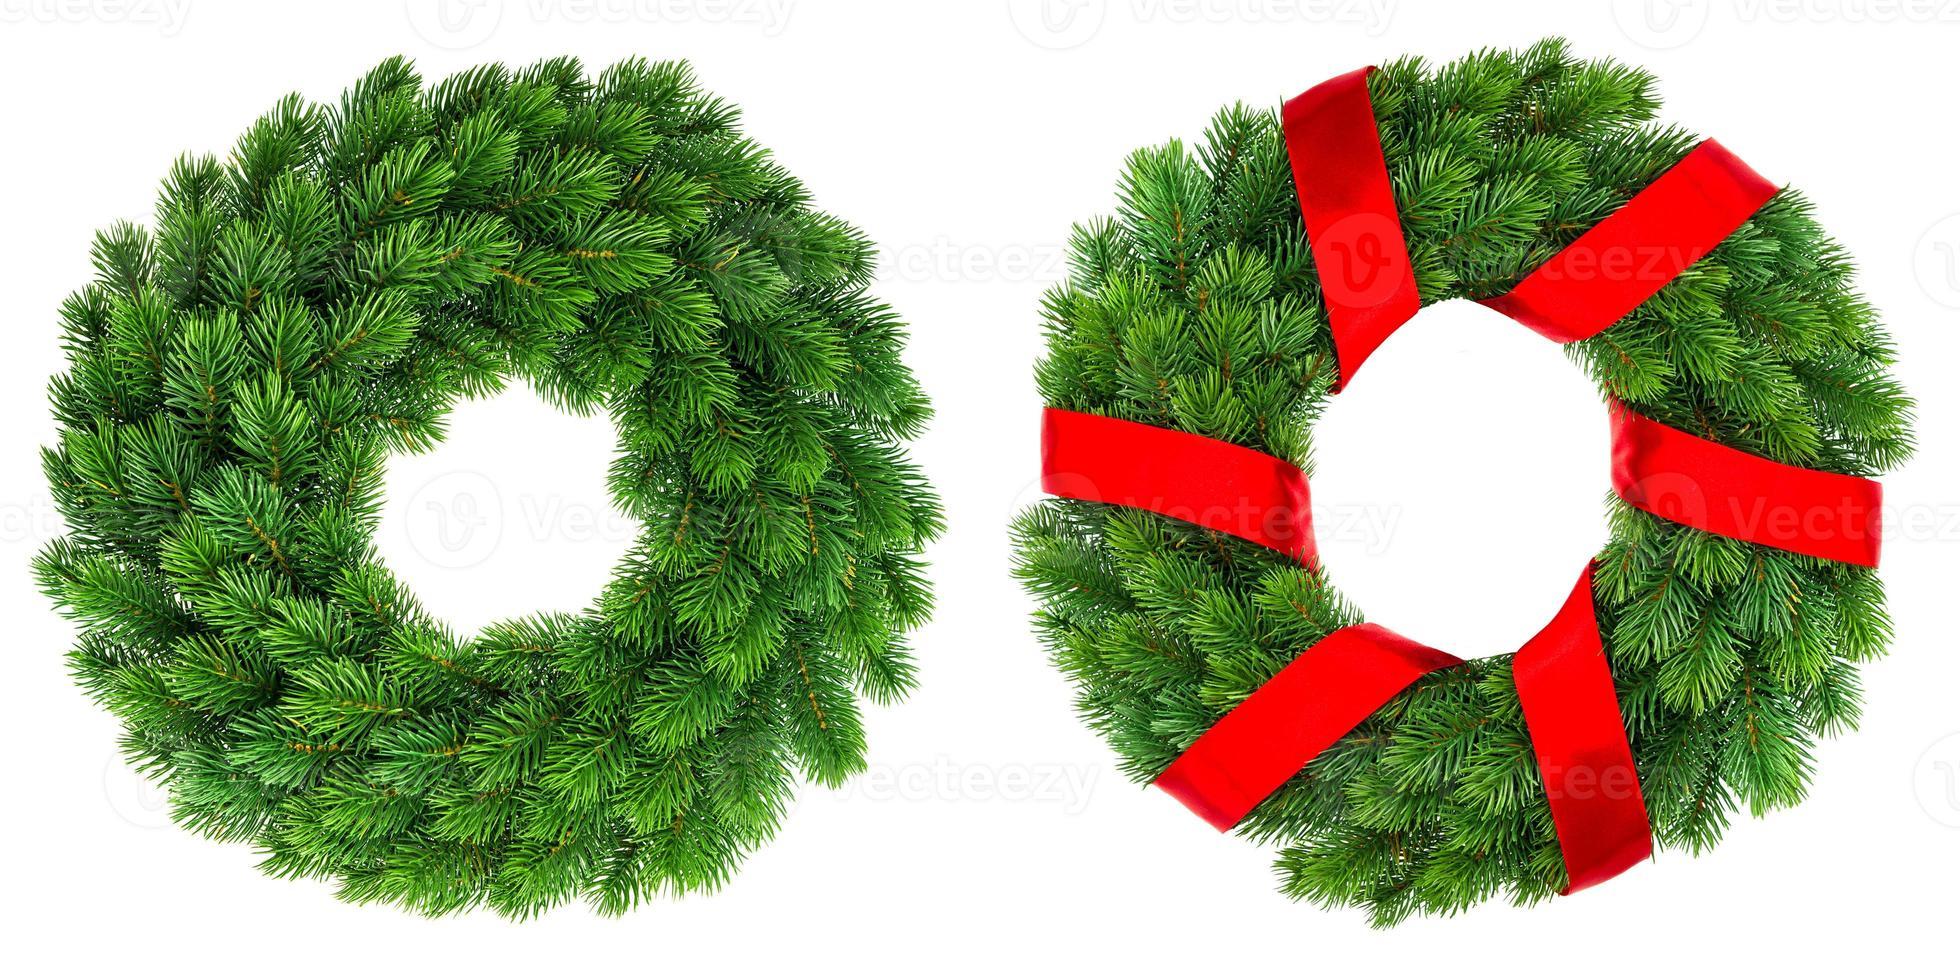 guirlanda verde de decoração de Natal com fita vermelha foto